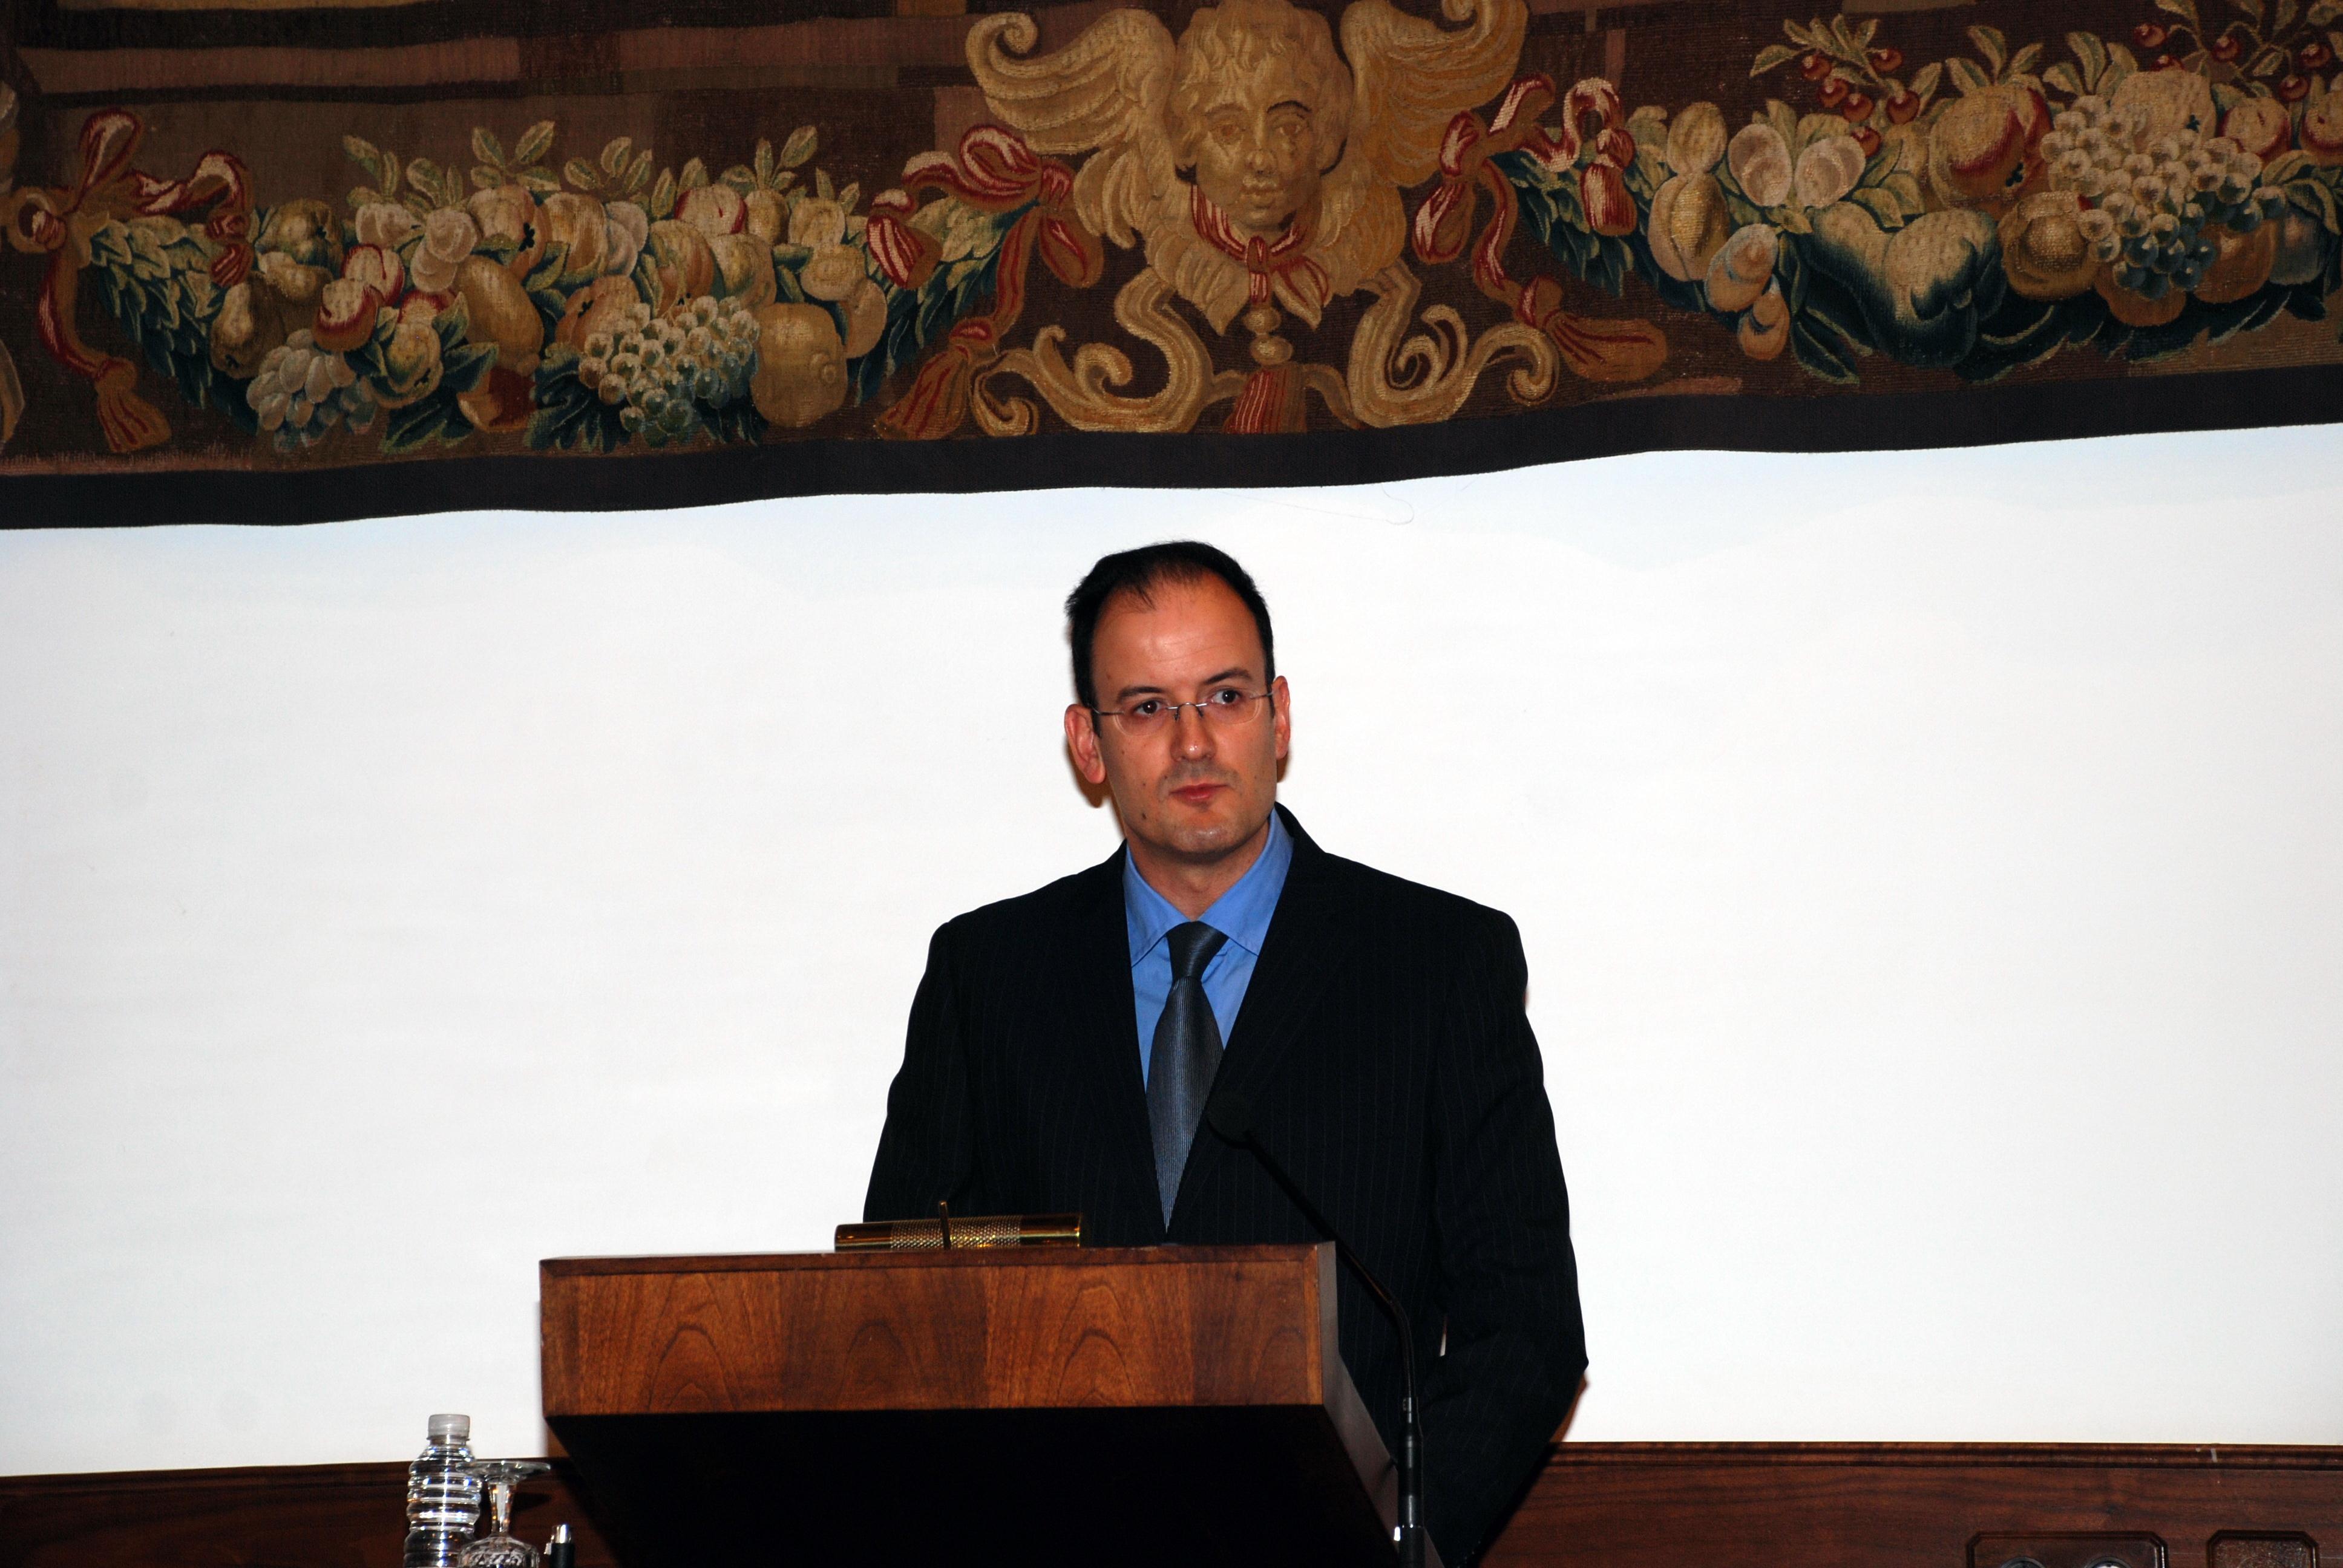 La Universidad de Salamanca concederá el doctorado honoris causa a Plácido Domingo, Stephen Graham y Francisco Muñoz